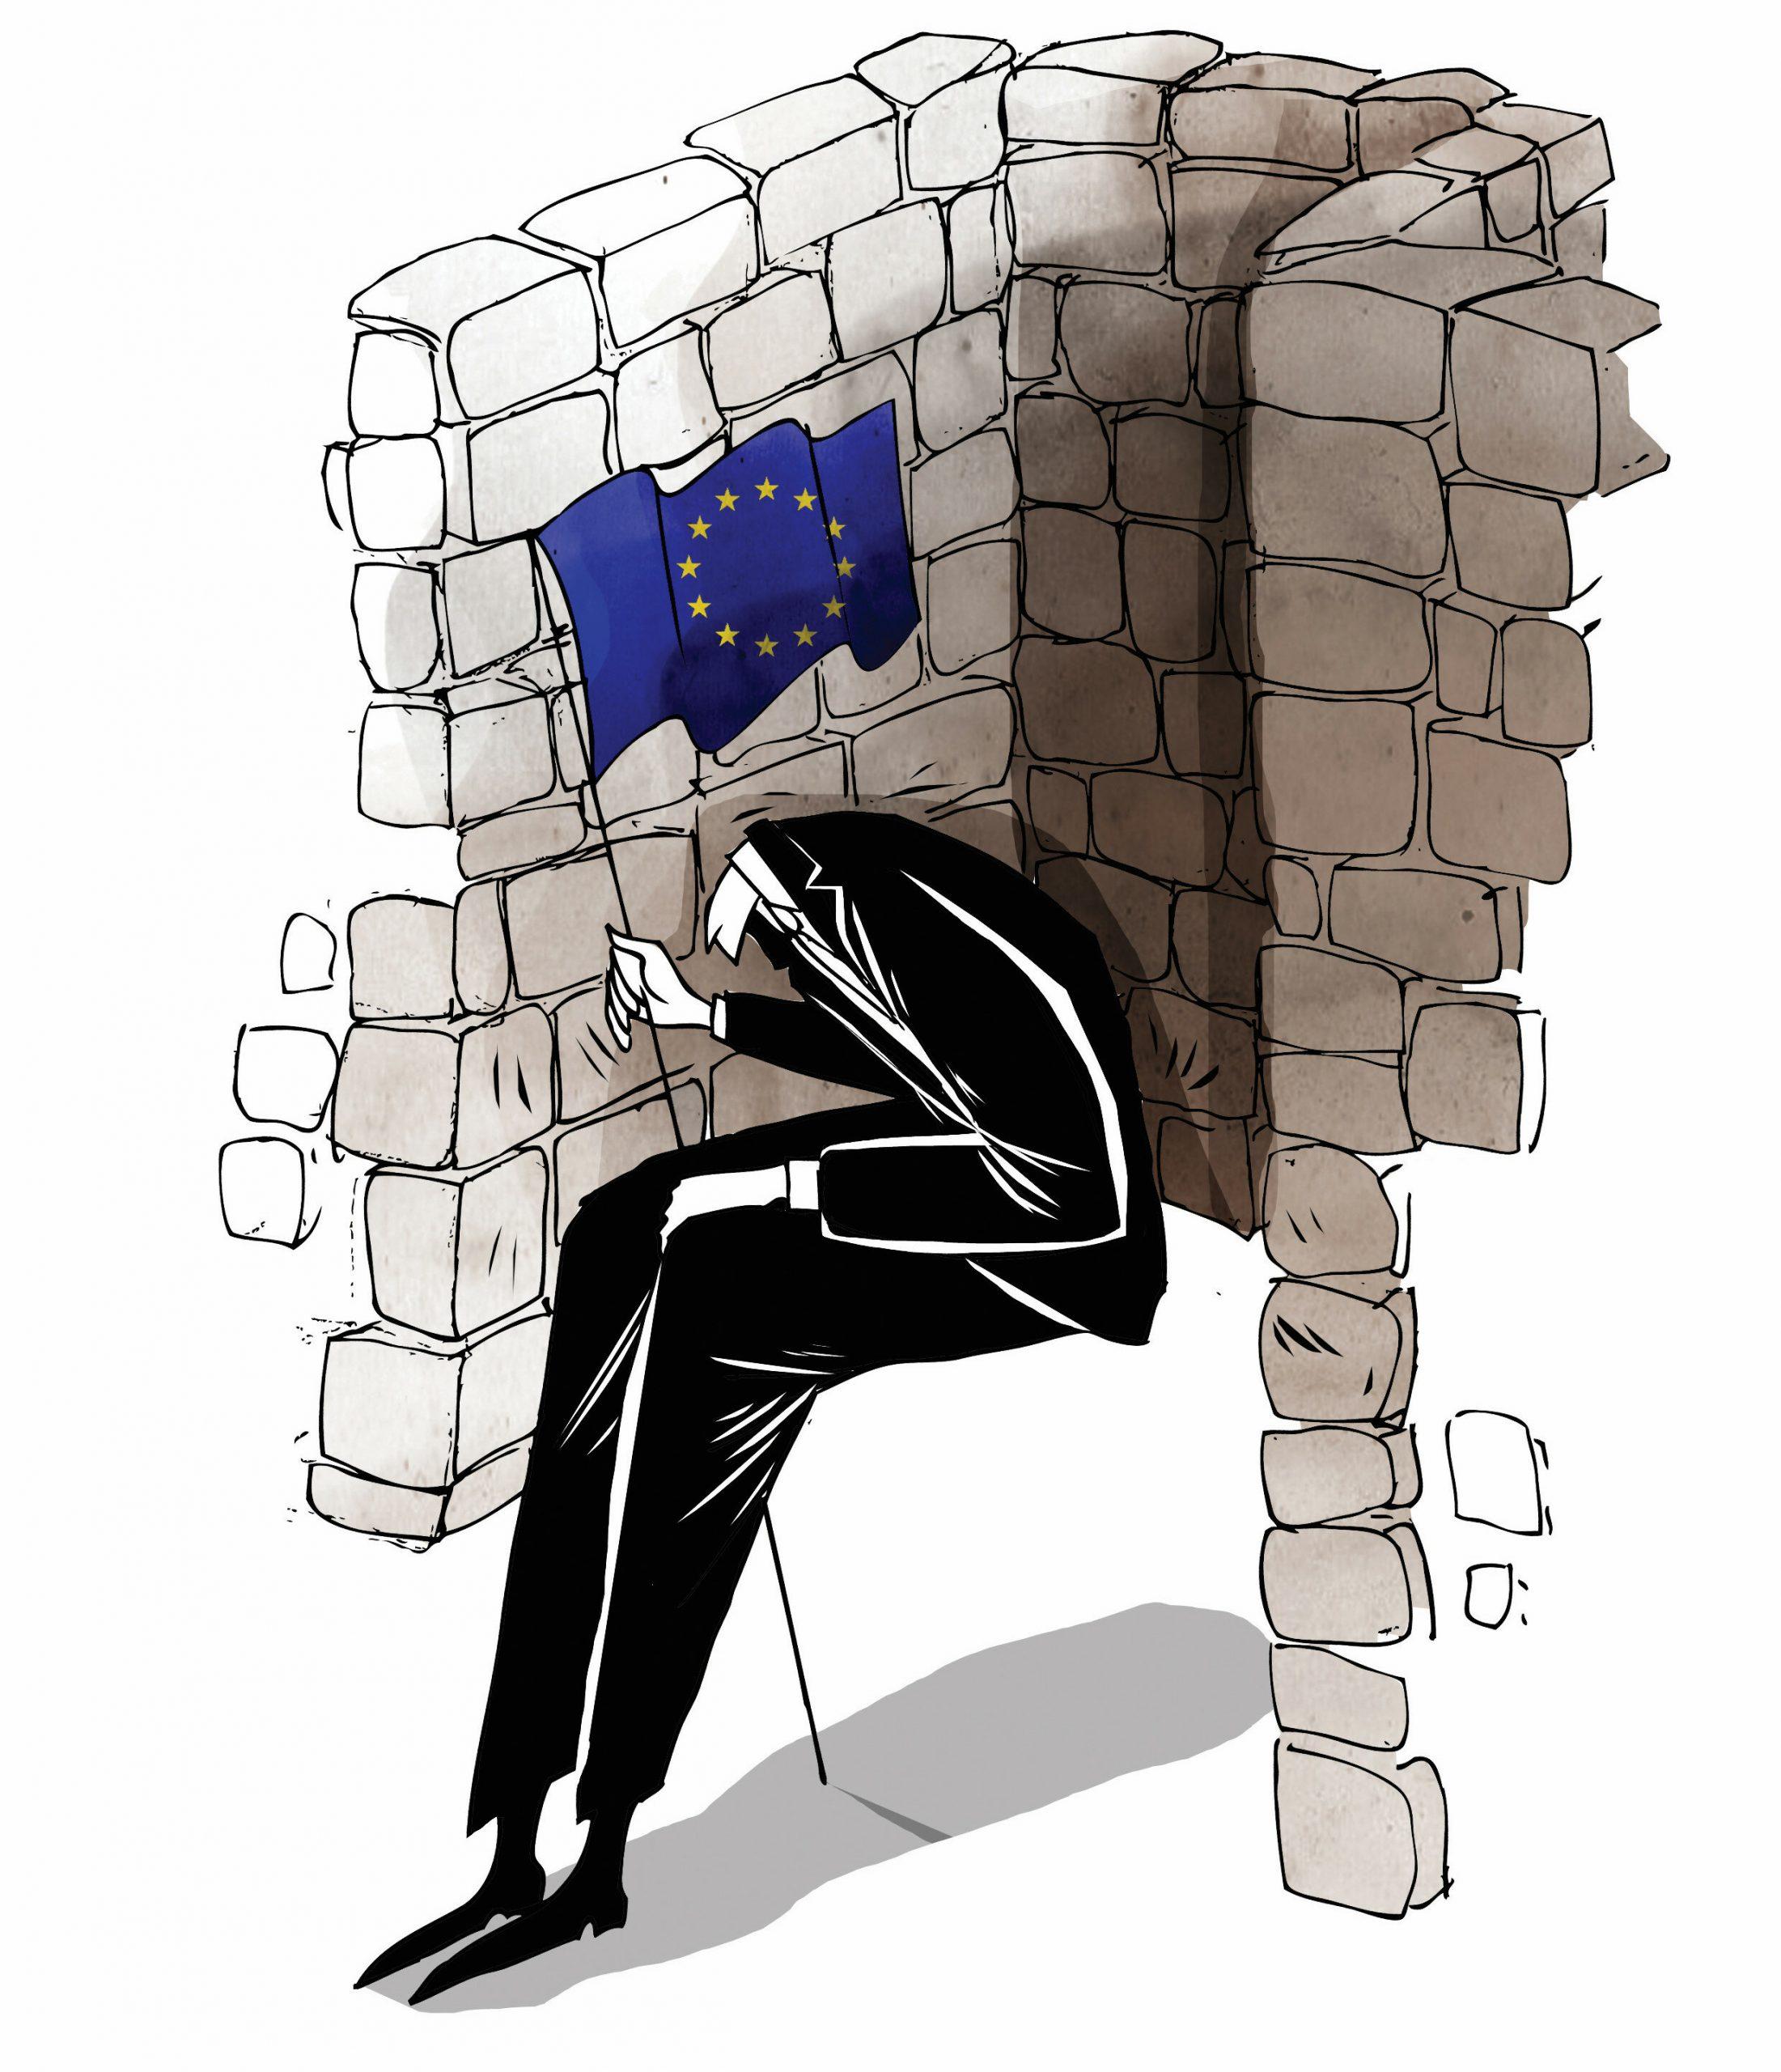 Avrupa Birliği küresel aktör olabilir mi?